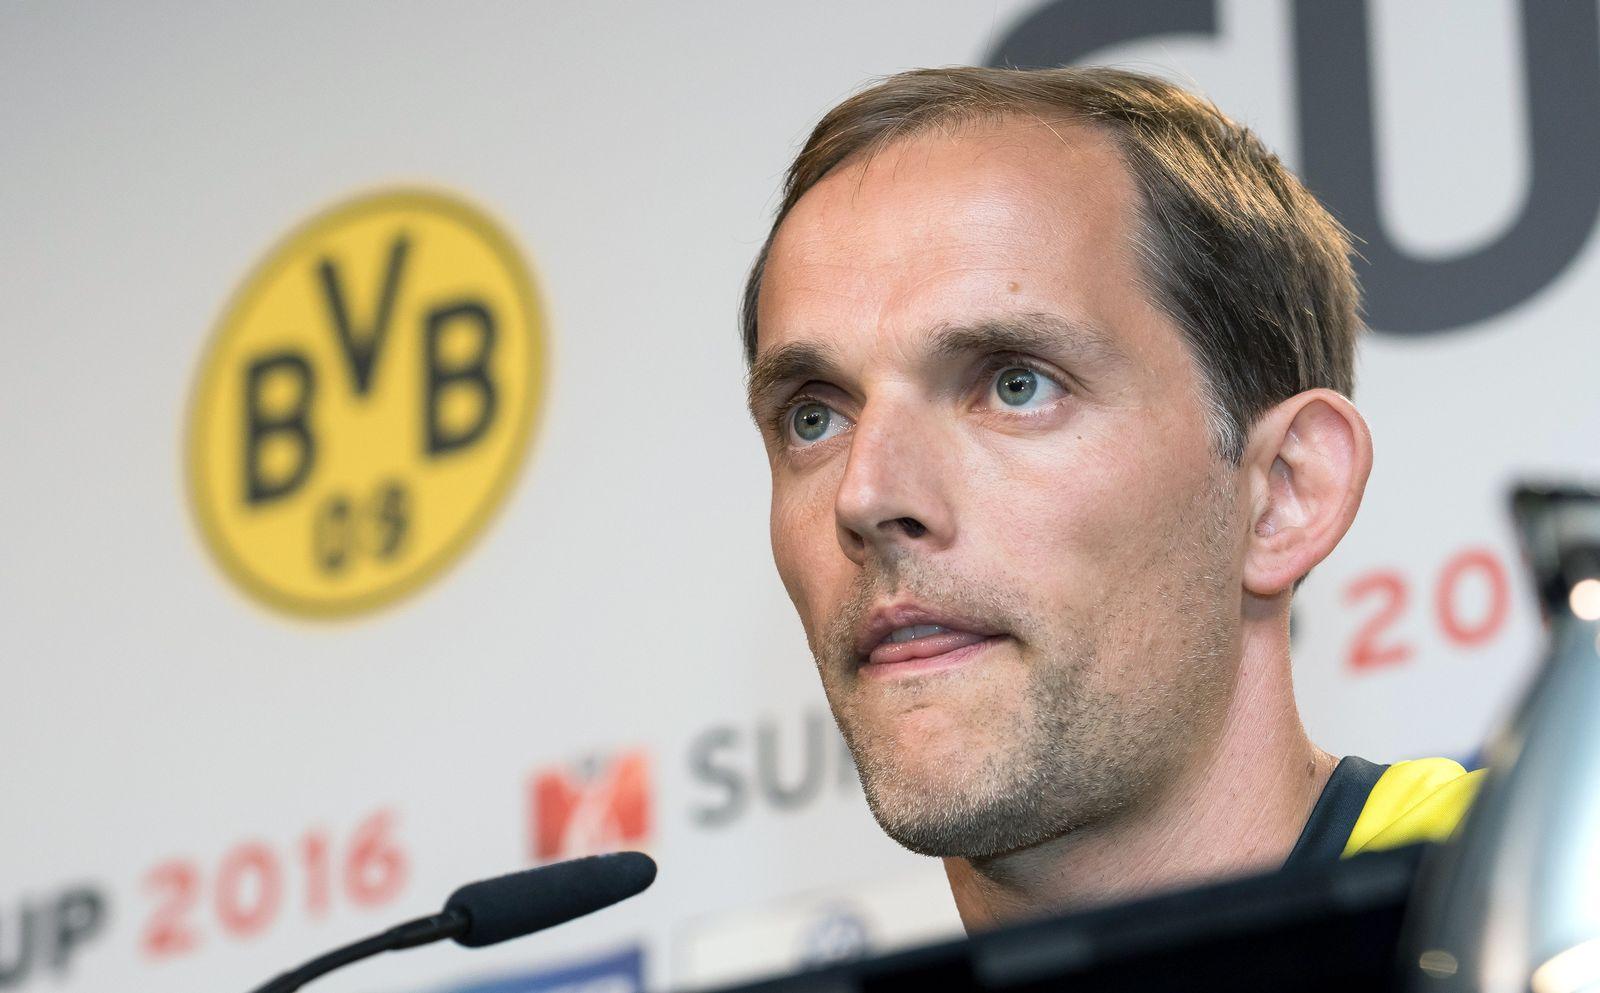 BVB-Pk zum Supercup 2016